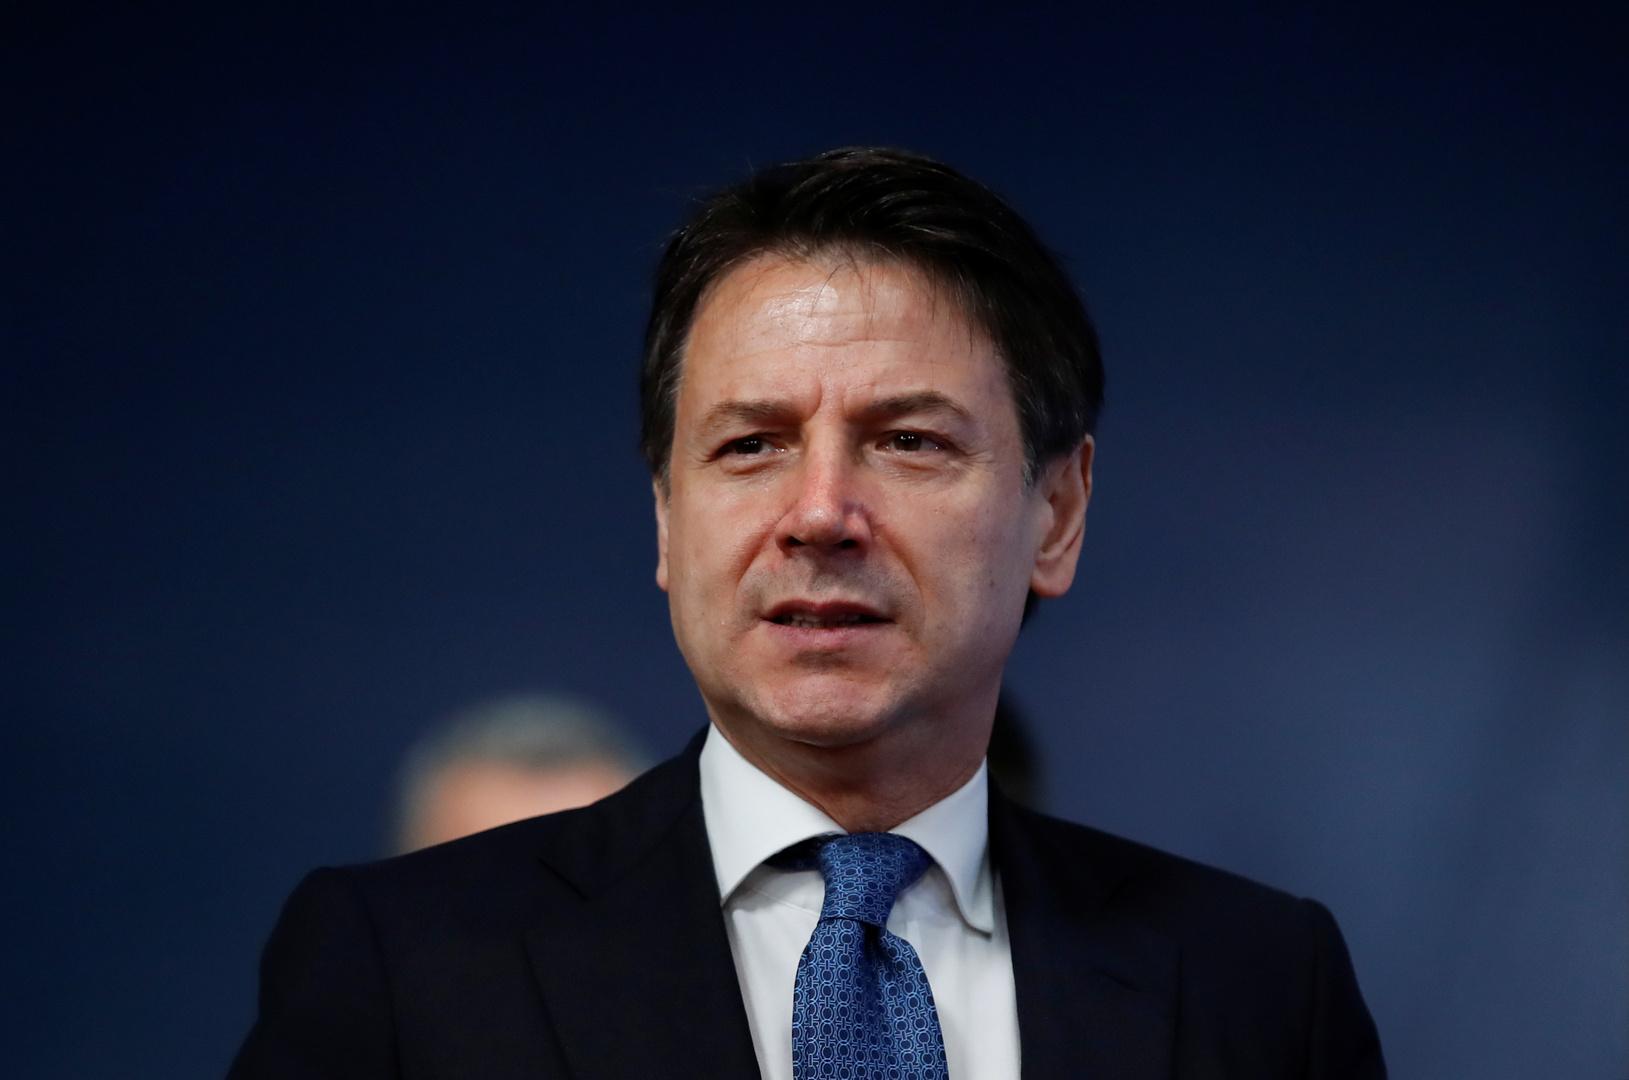 رئيس الوزراء الإيطالي: فرض حظر جوي فوق ليبيا قد يسهم في إيقاف القتال هناك